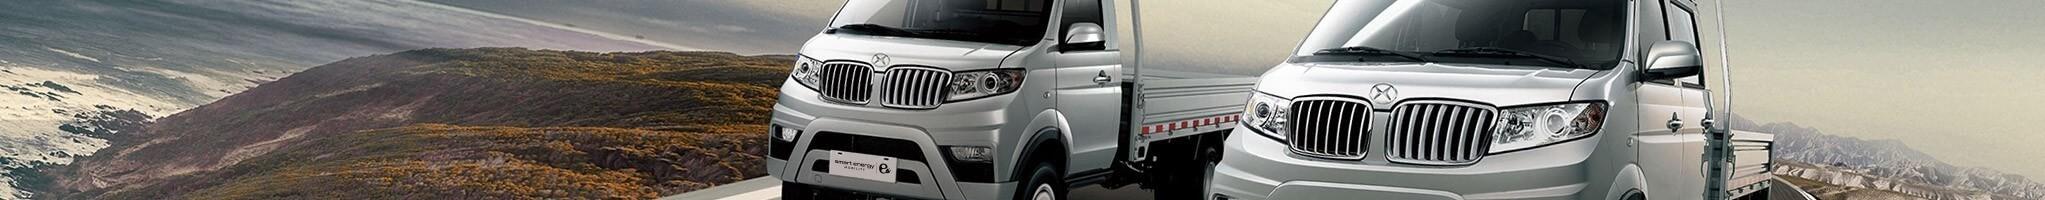 Acheter camionette électrique | New Energy Mobility votre magasin online d'eMobility avec les meilleur prix